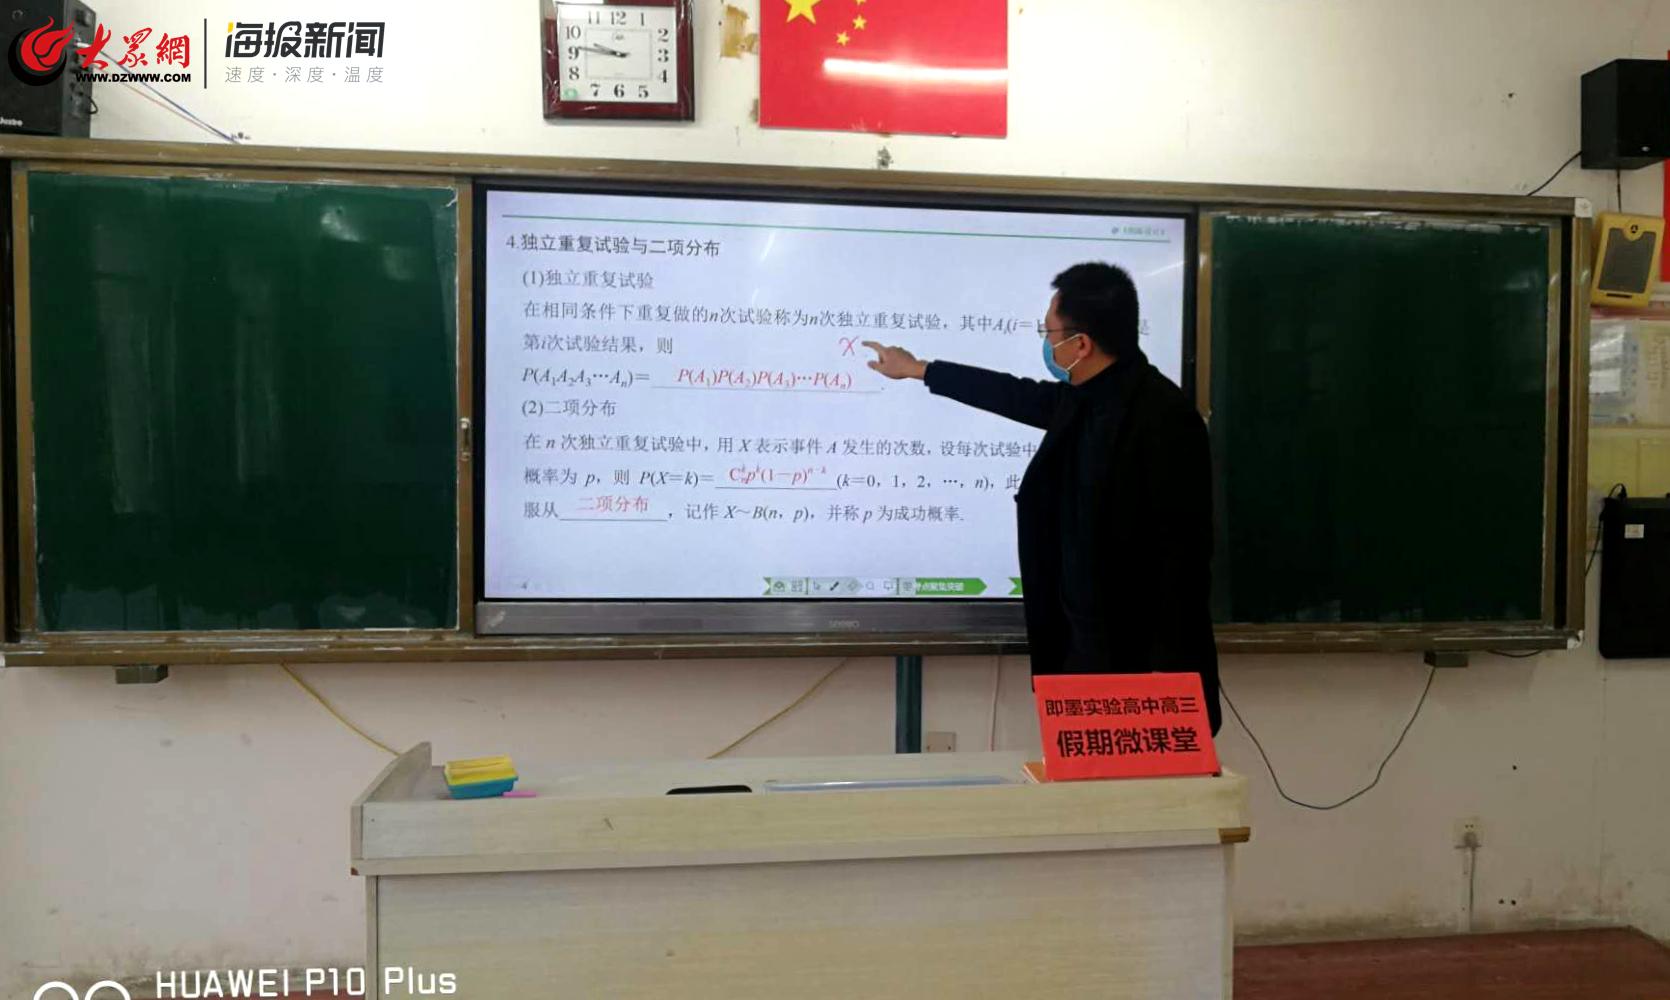 http://www.umeiwen.com/jiaoyu/1549582.html